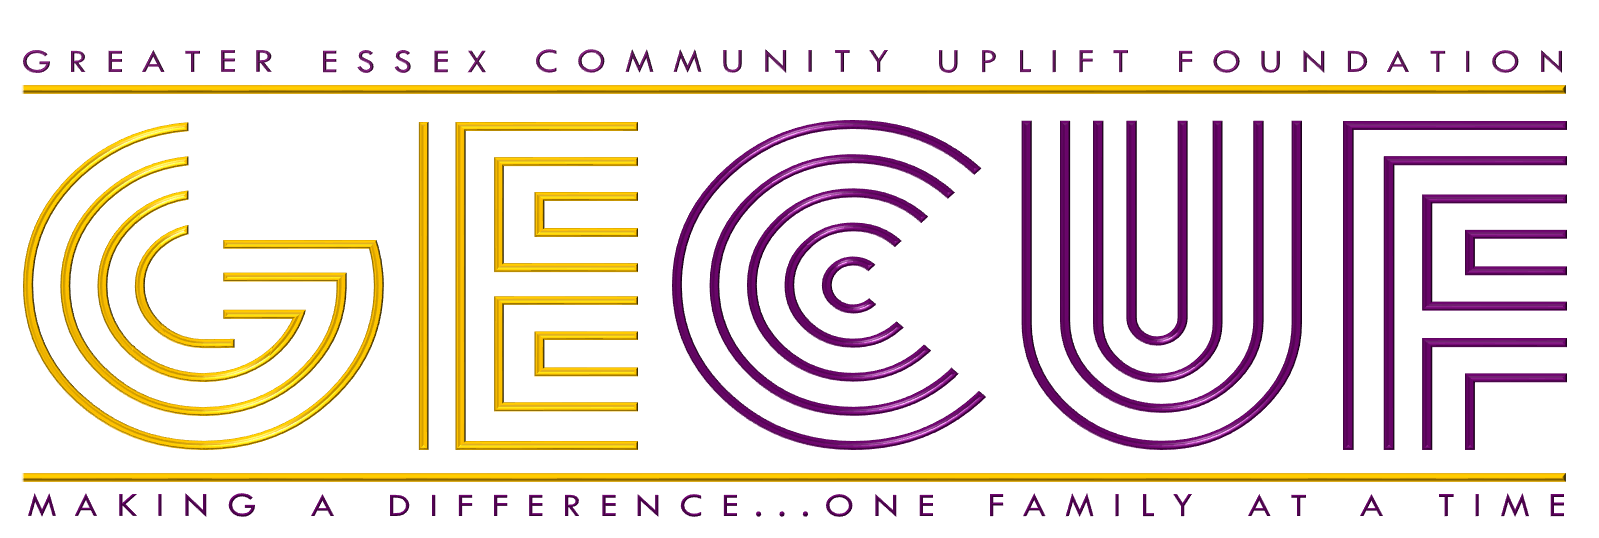 The C.U.F.